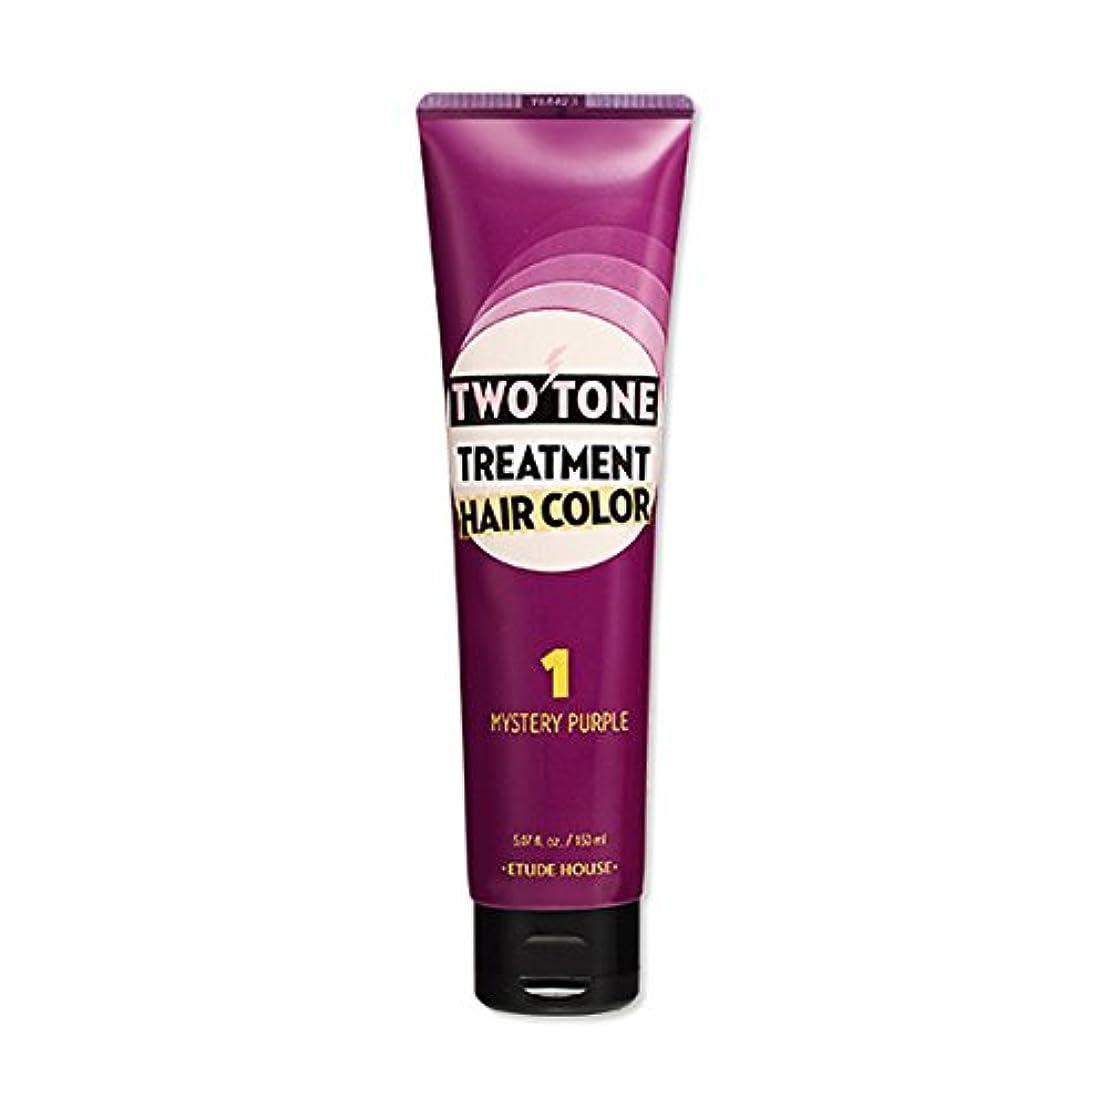 いつでも硬化する犬ETUDE HOUSE Two Tone Treatment Hair Color 1.MYSTERY PURPLE / エチュードハウス ツートントリートメントヘアカラー150ml (1.MYSTERY PURPLE)...